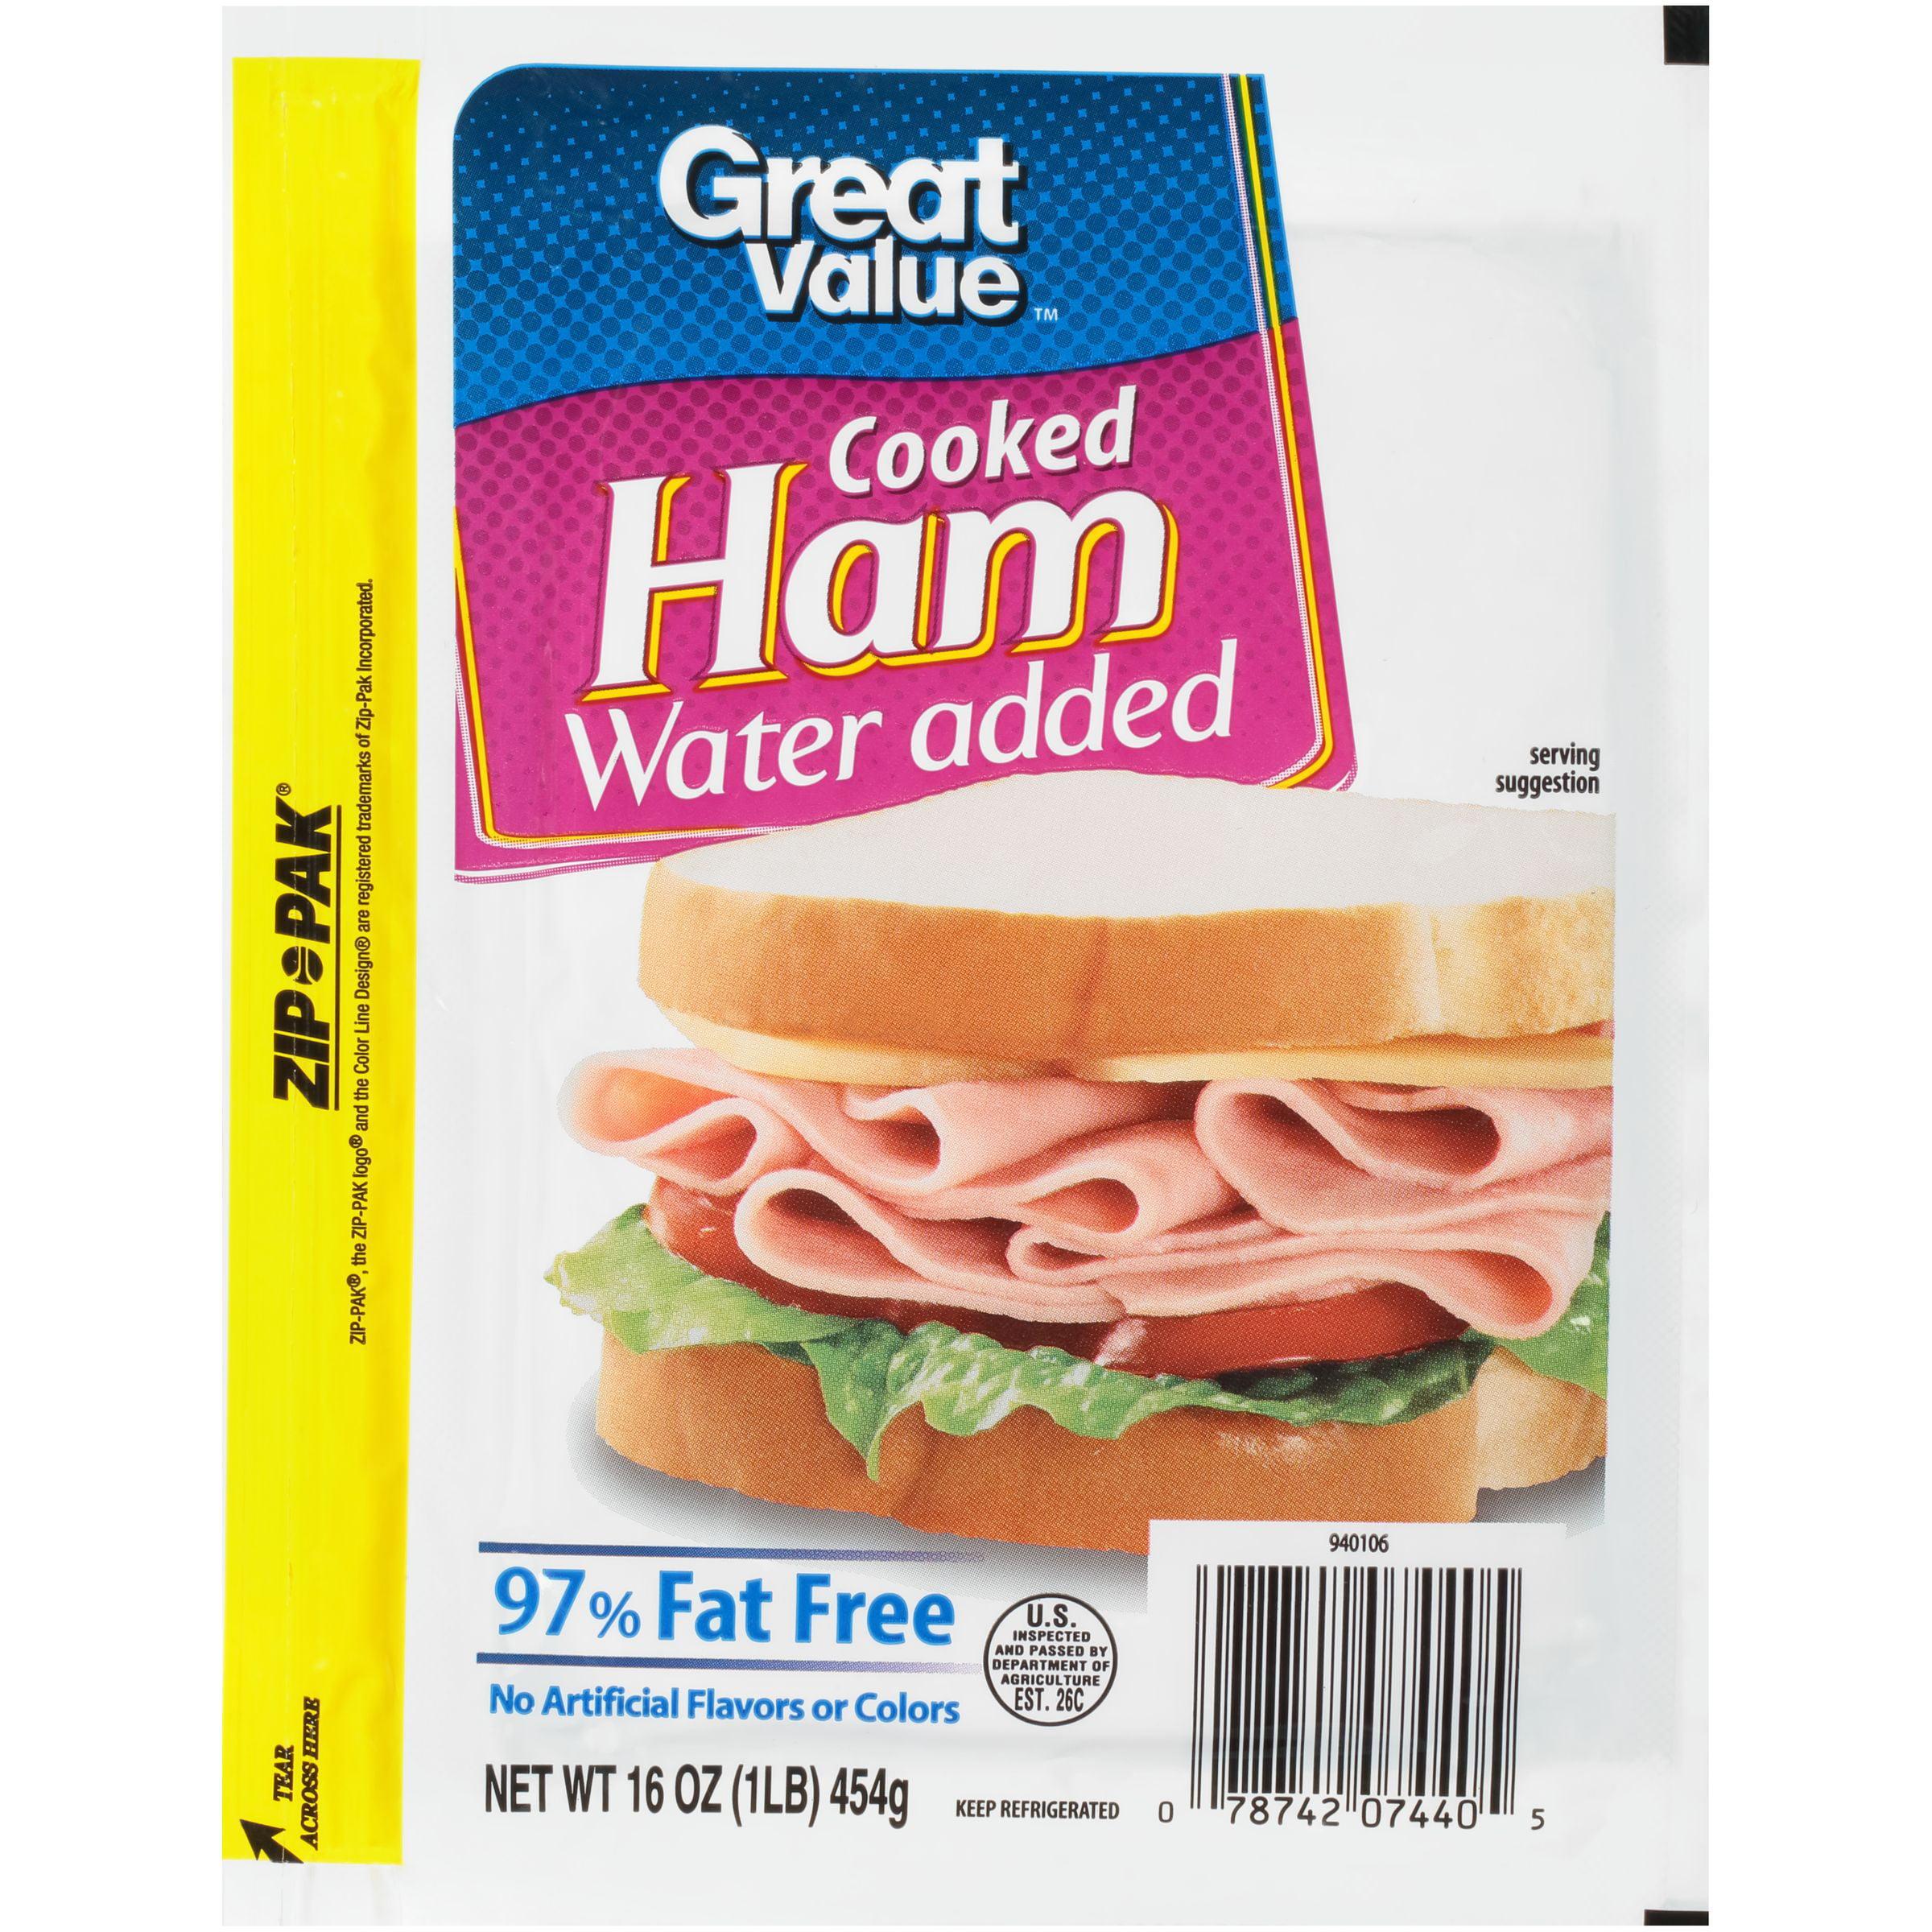 Great Value 97 Fat Free Cooked Ham 16 Oz Walmart Com Walmart Com,Lizard Dragon Drawing